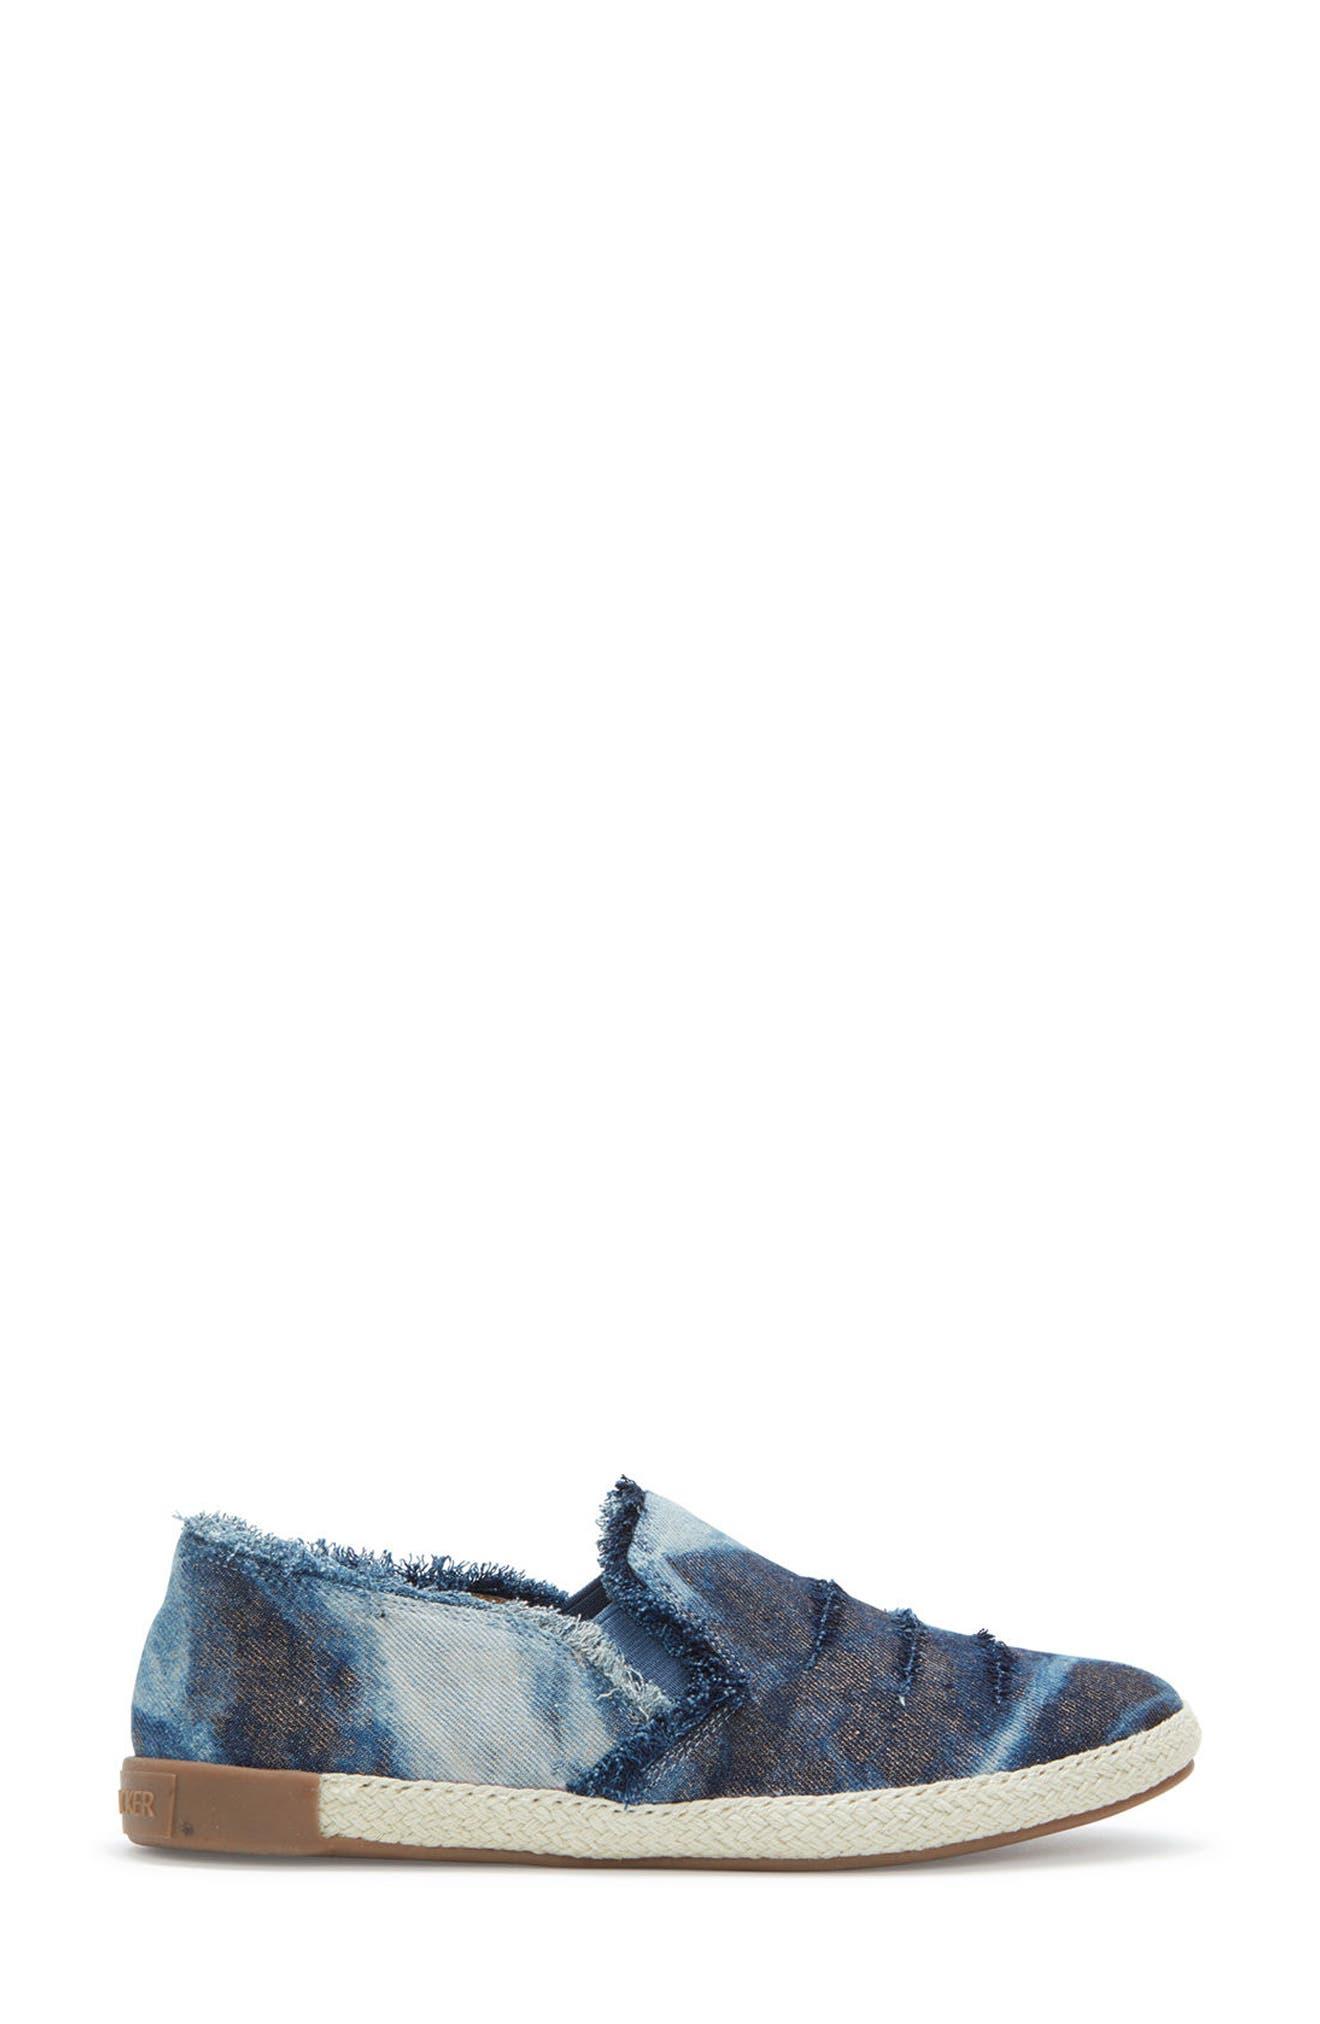 Adam Tucker Marin Slip-On Sneaker,                             Alternate thumbnail 3, color,                             Blue Champagne Denim Fabric